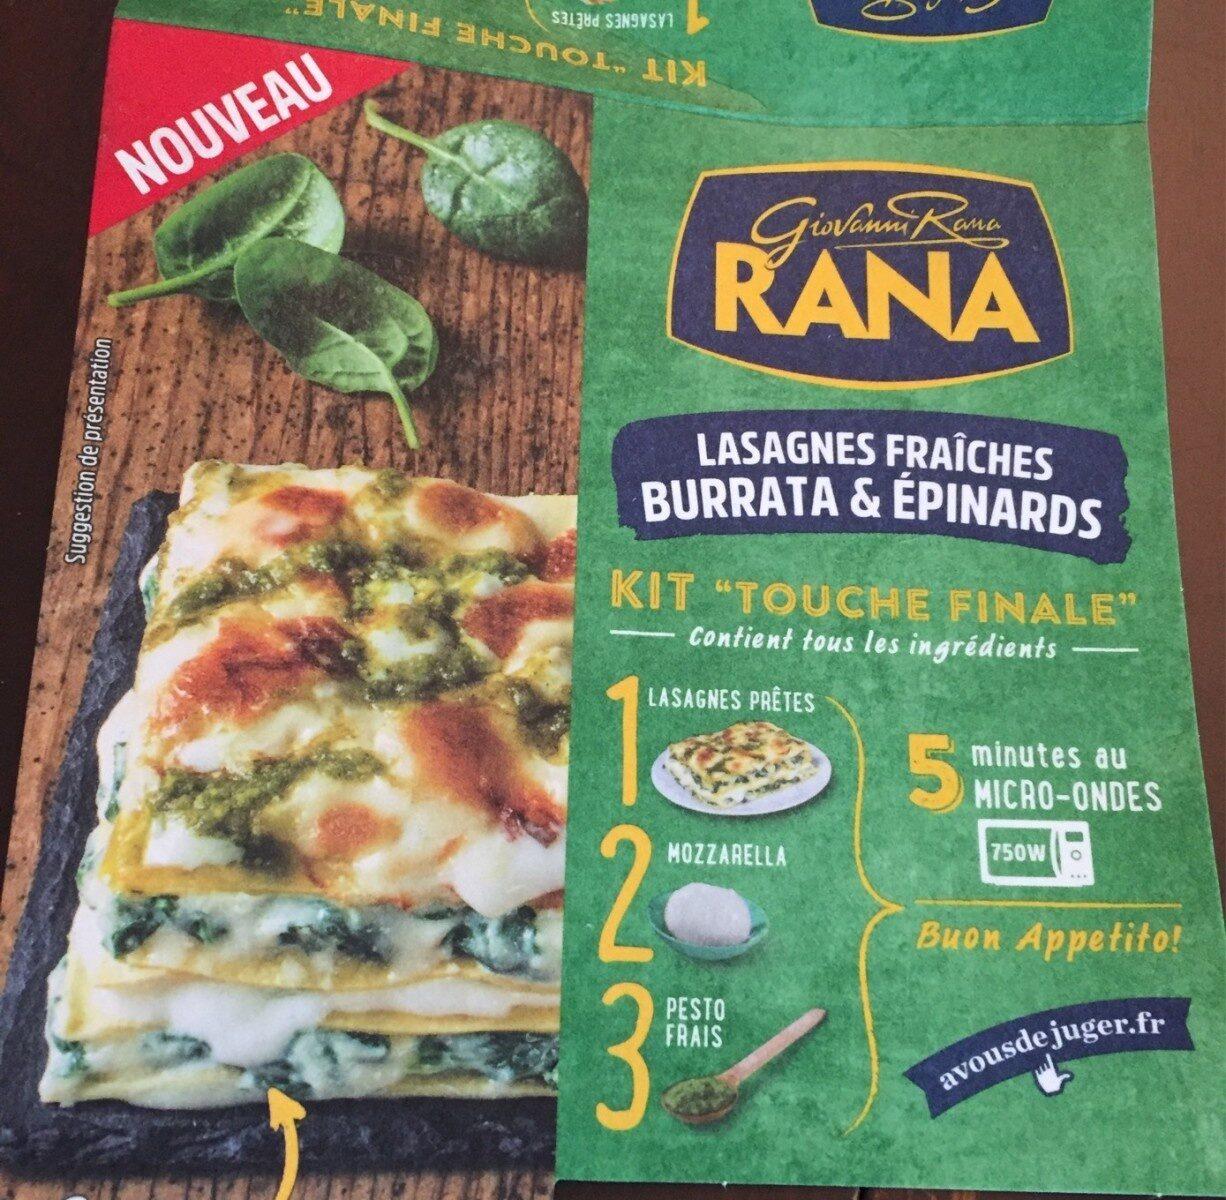 Lasagnes Fraîches Burrata & Epinards - Product - fr